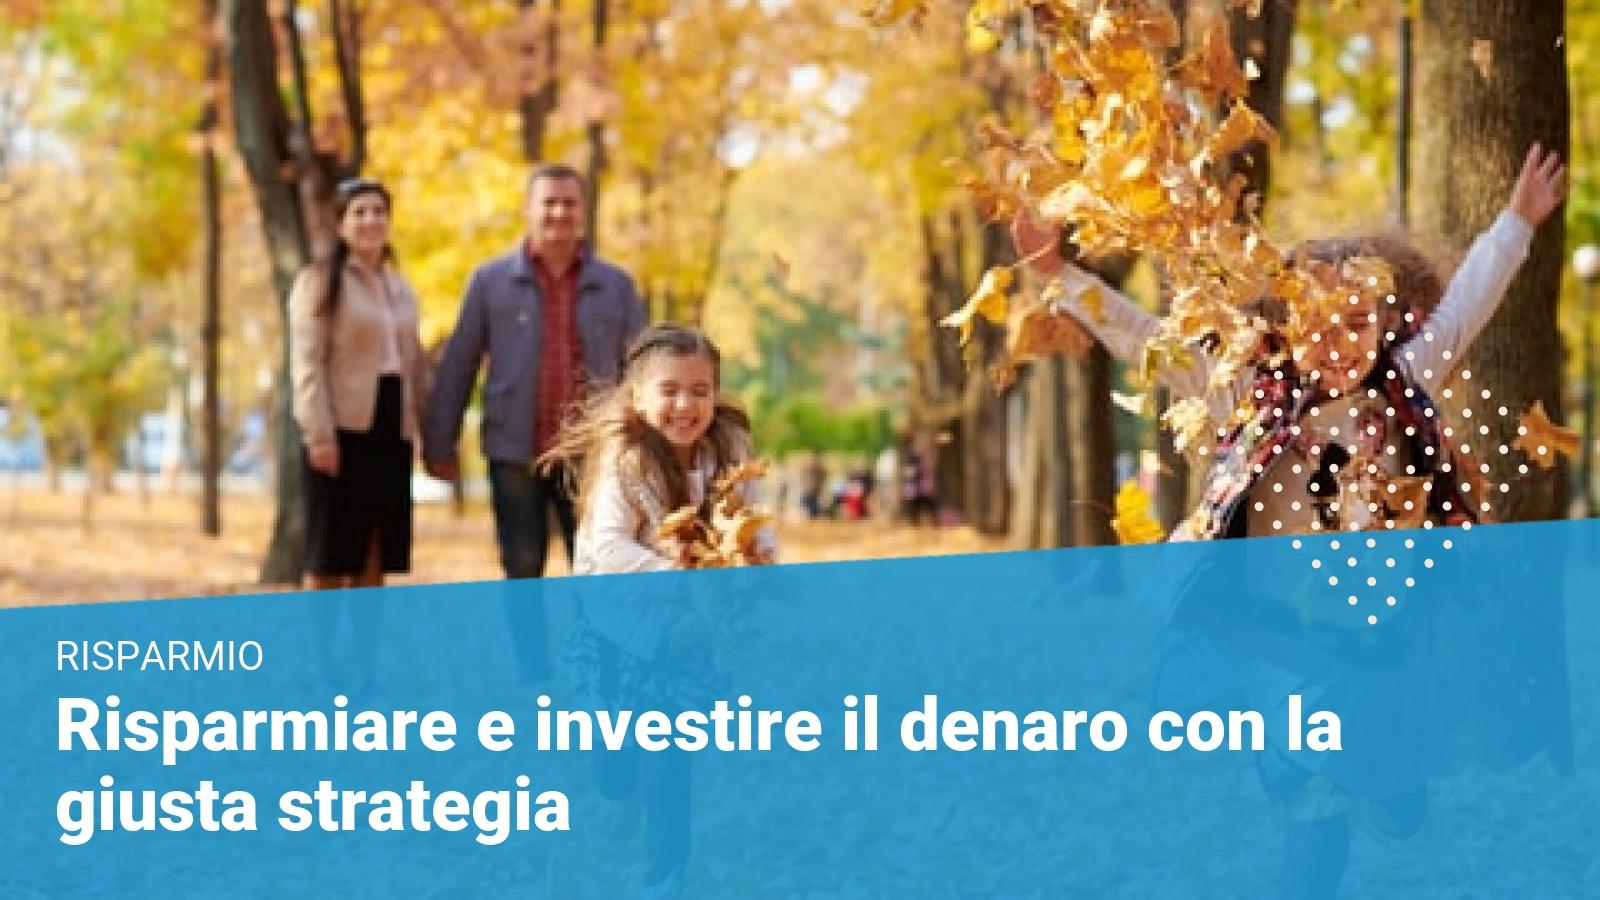 Risparmio e investimenti - Financer.com Italia